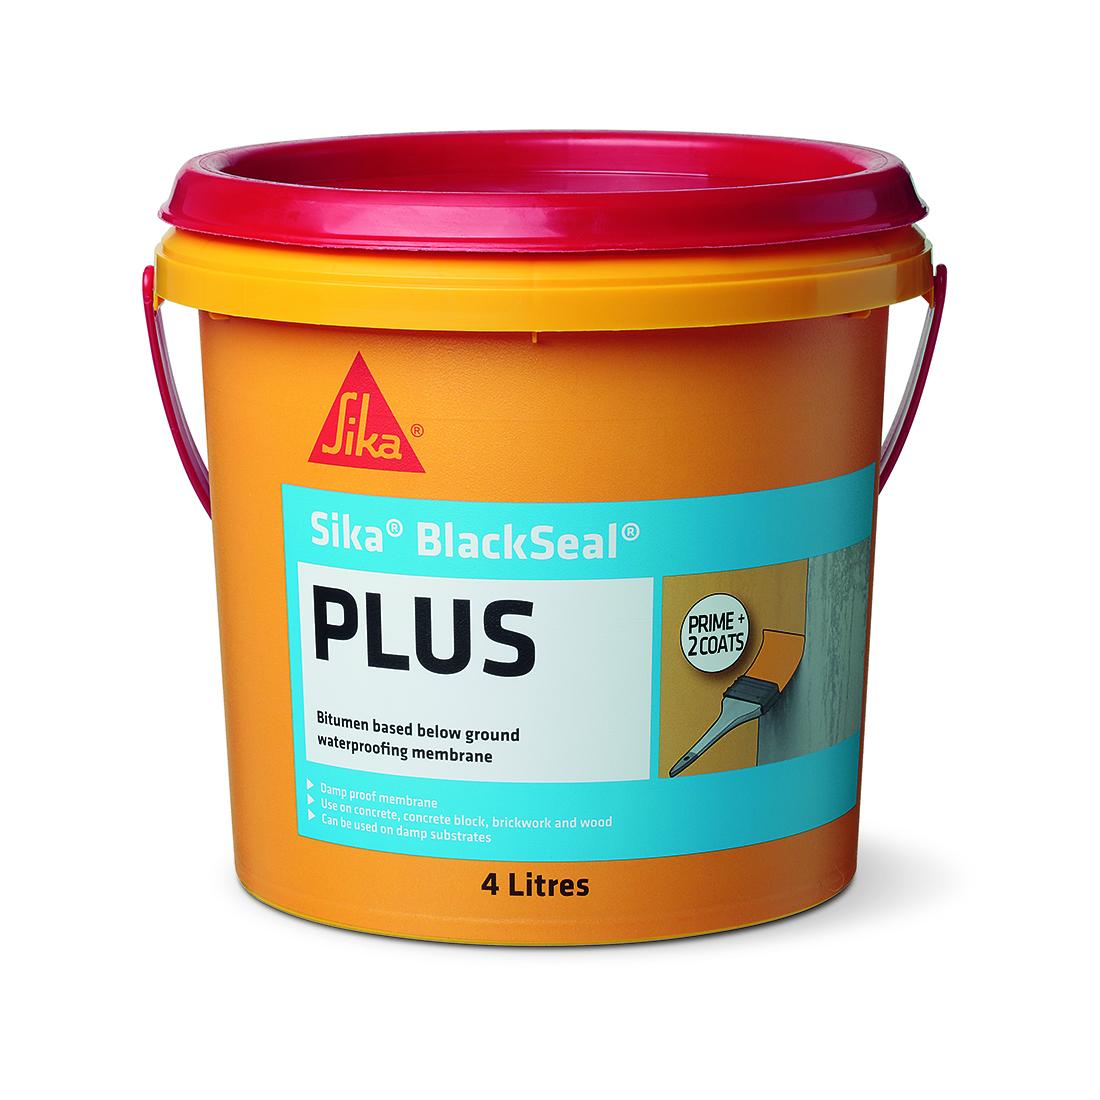 Blackseal Plus Liquid Bitumen Waterproofing Membrane 4L Black